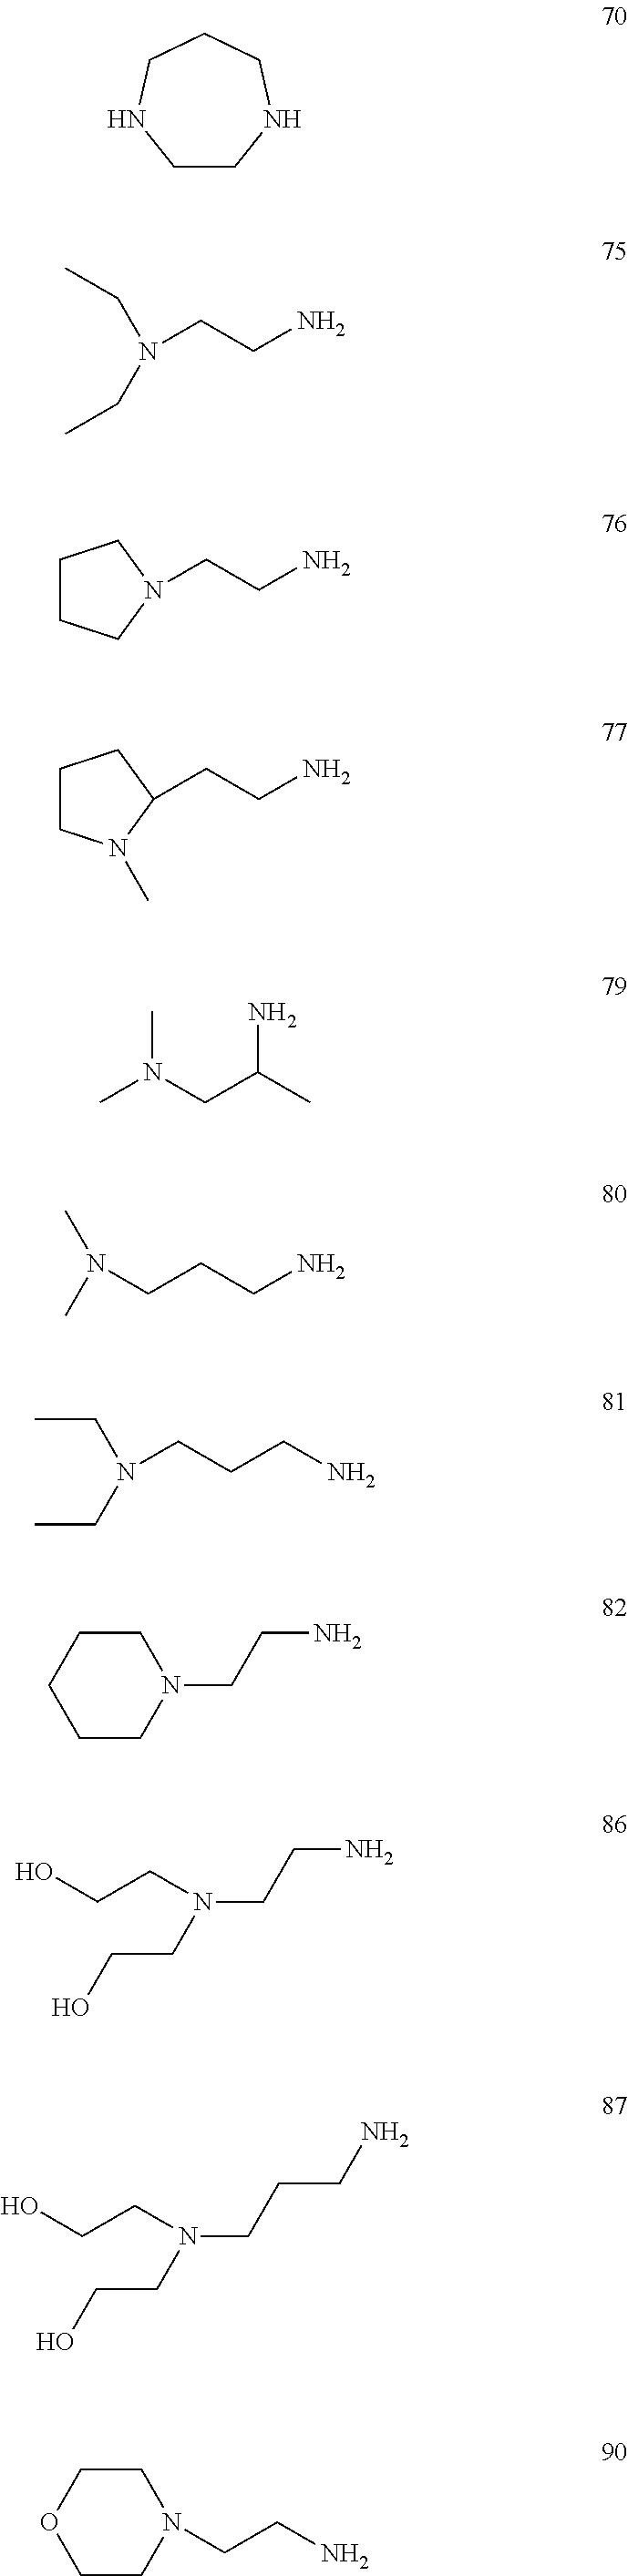 Figure US20110009641A1-20110113-C00127